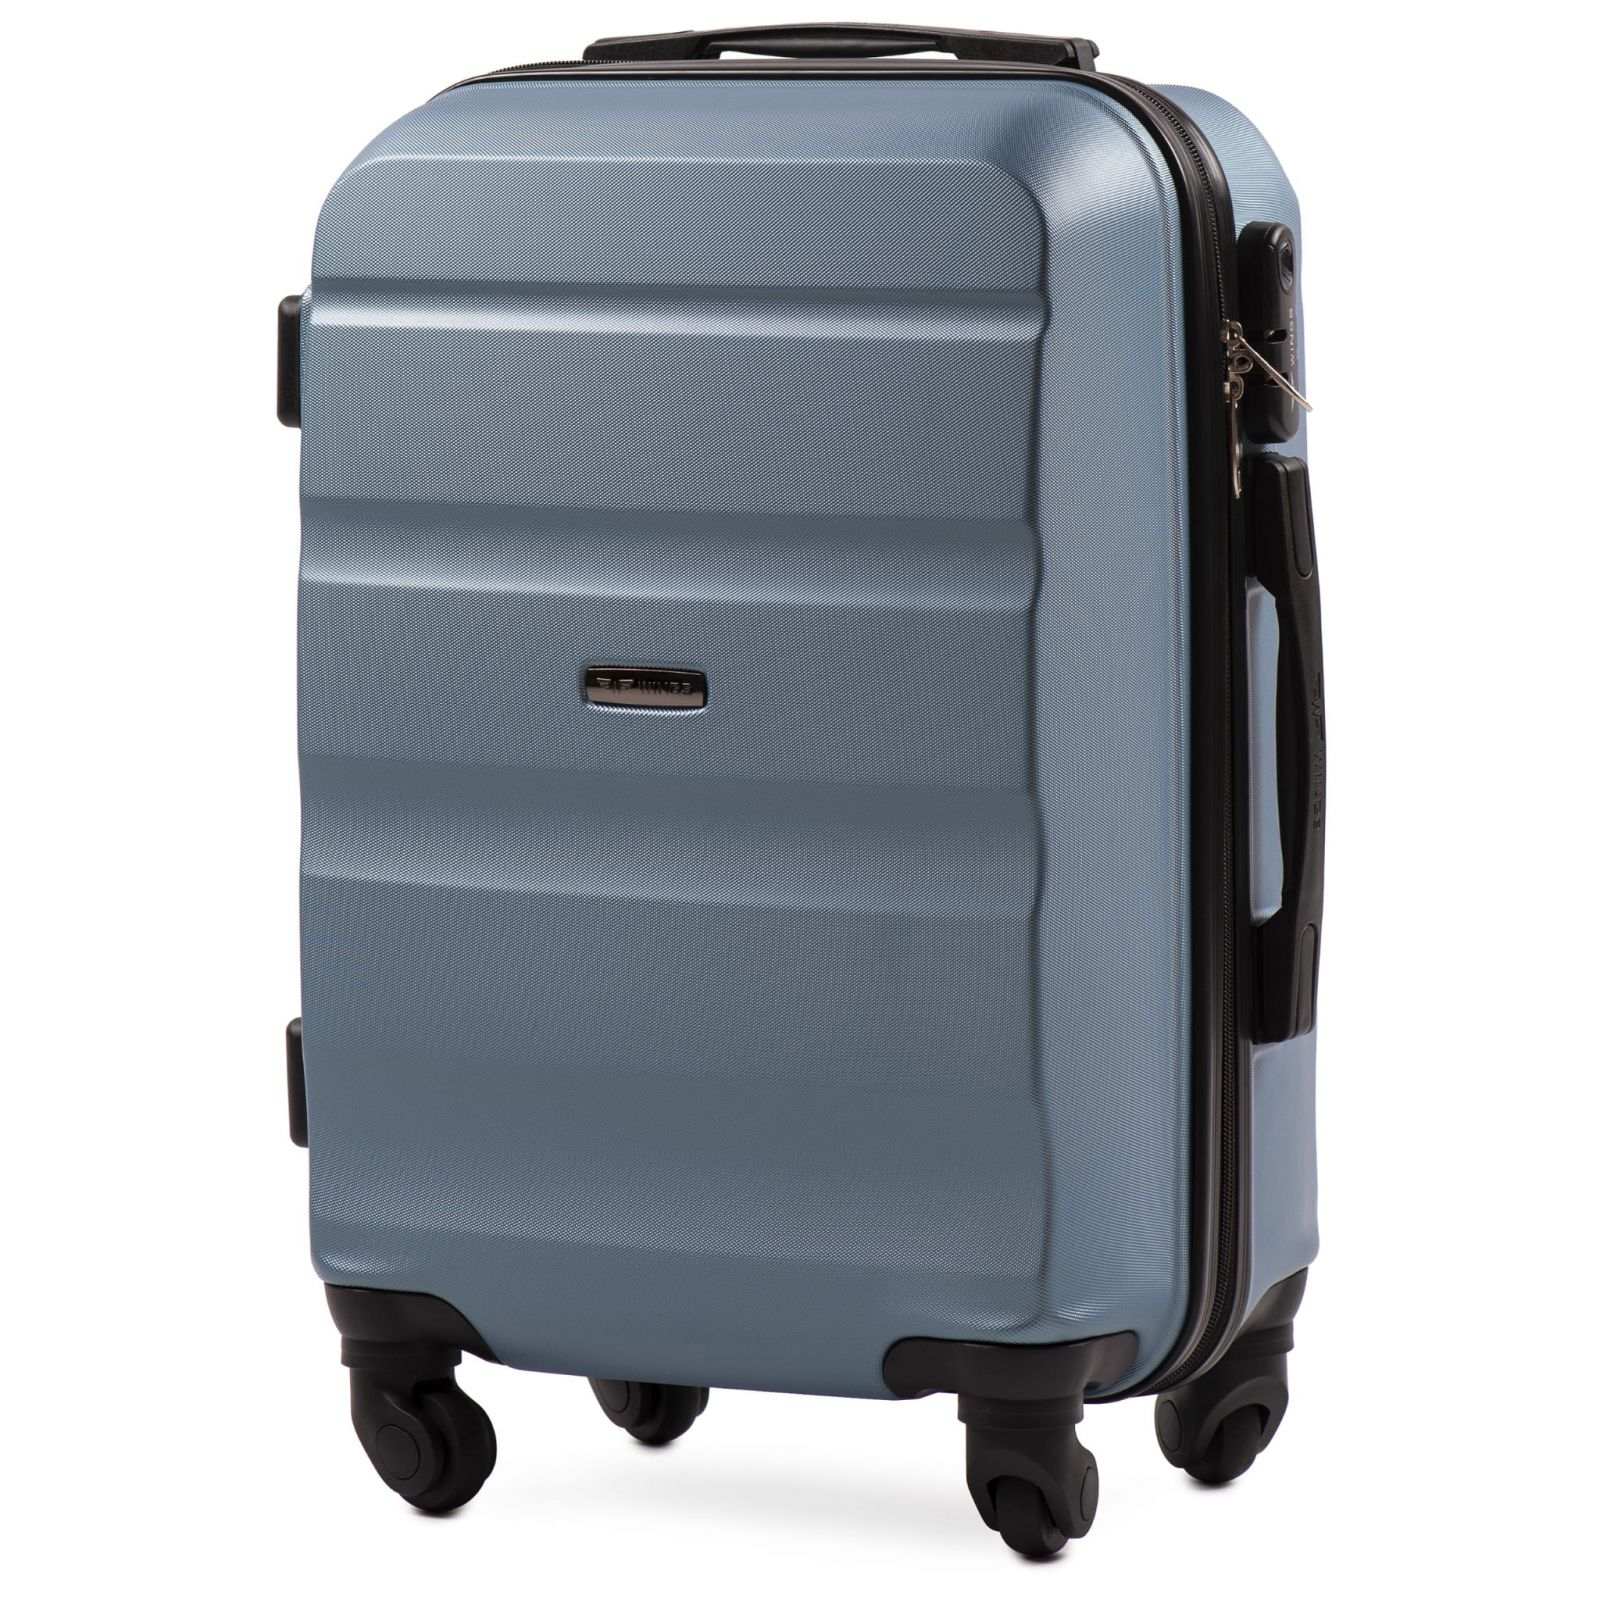 Cestovní kufr WINGS LOVEBIRD ABS SILVER BLUE malý xS E-batoh